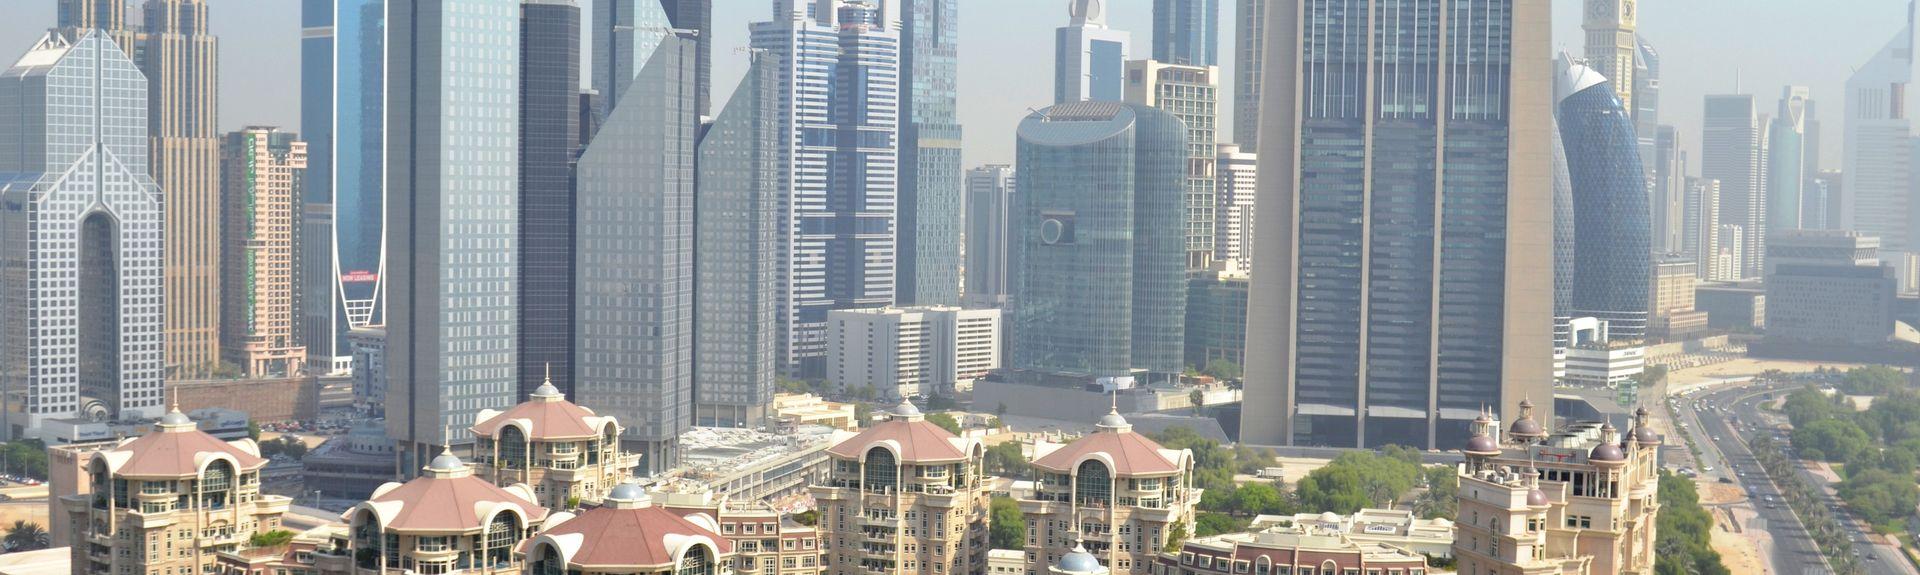 Bur Dubai, Dubai, Dubai, Verenigde Arabische Emiraten